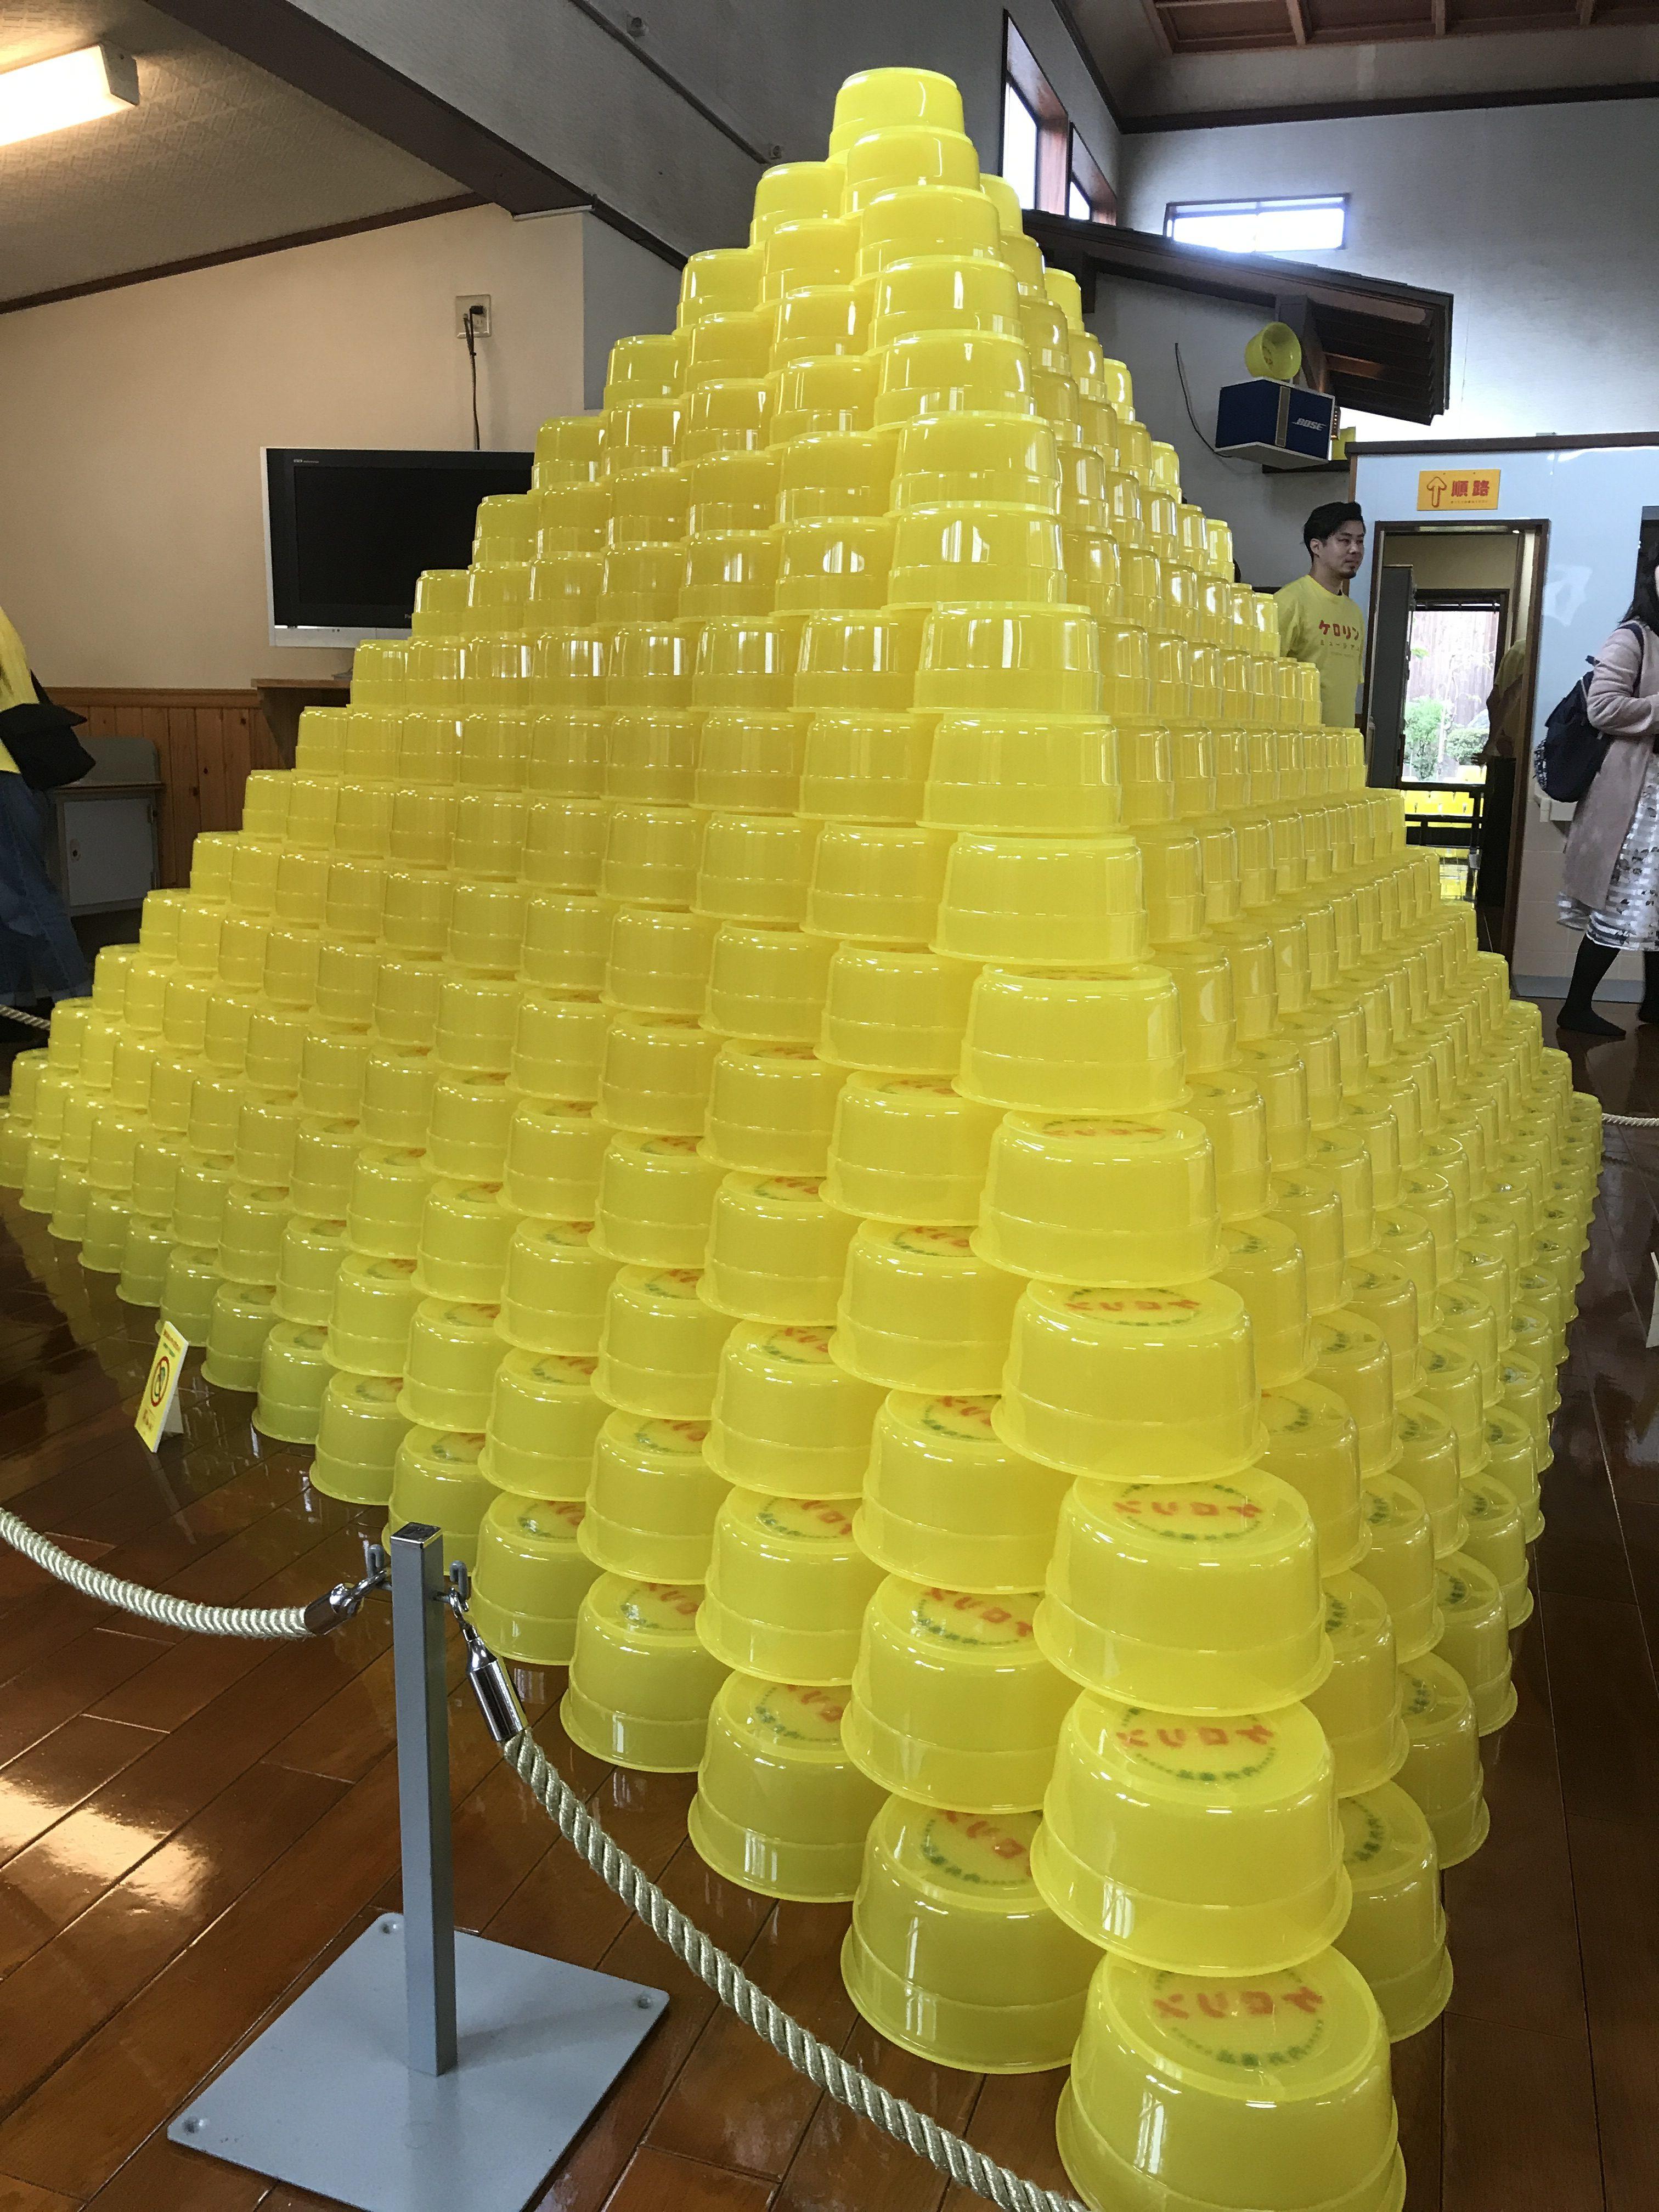 ケロリン ピラミッド